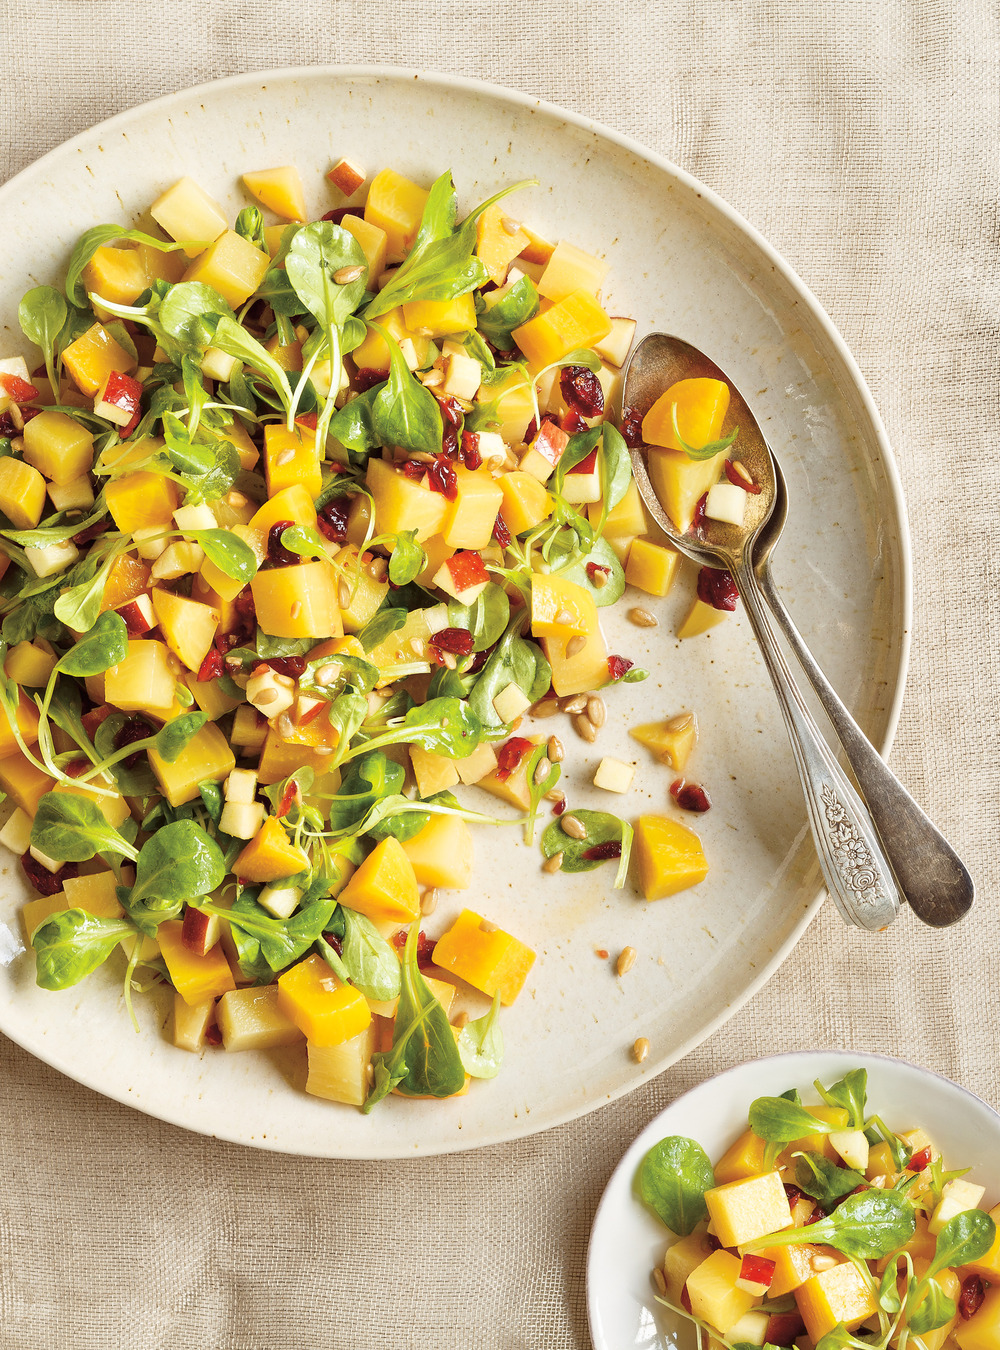 Salade de betteraves aux pommes et aux canneberges ricardo for Articles de cuisine de ricardo